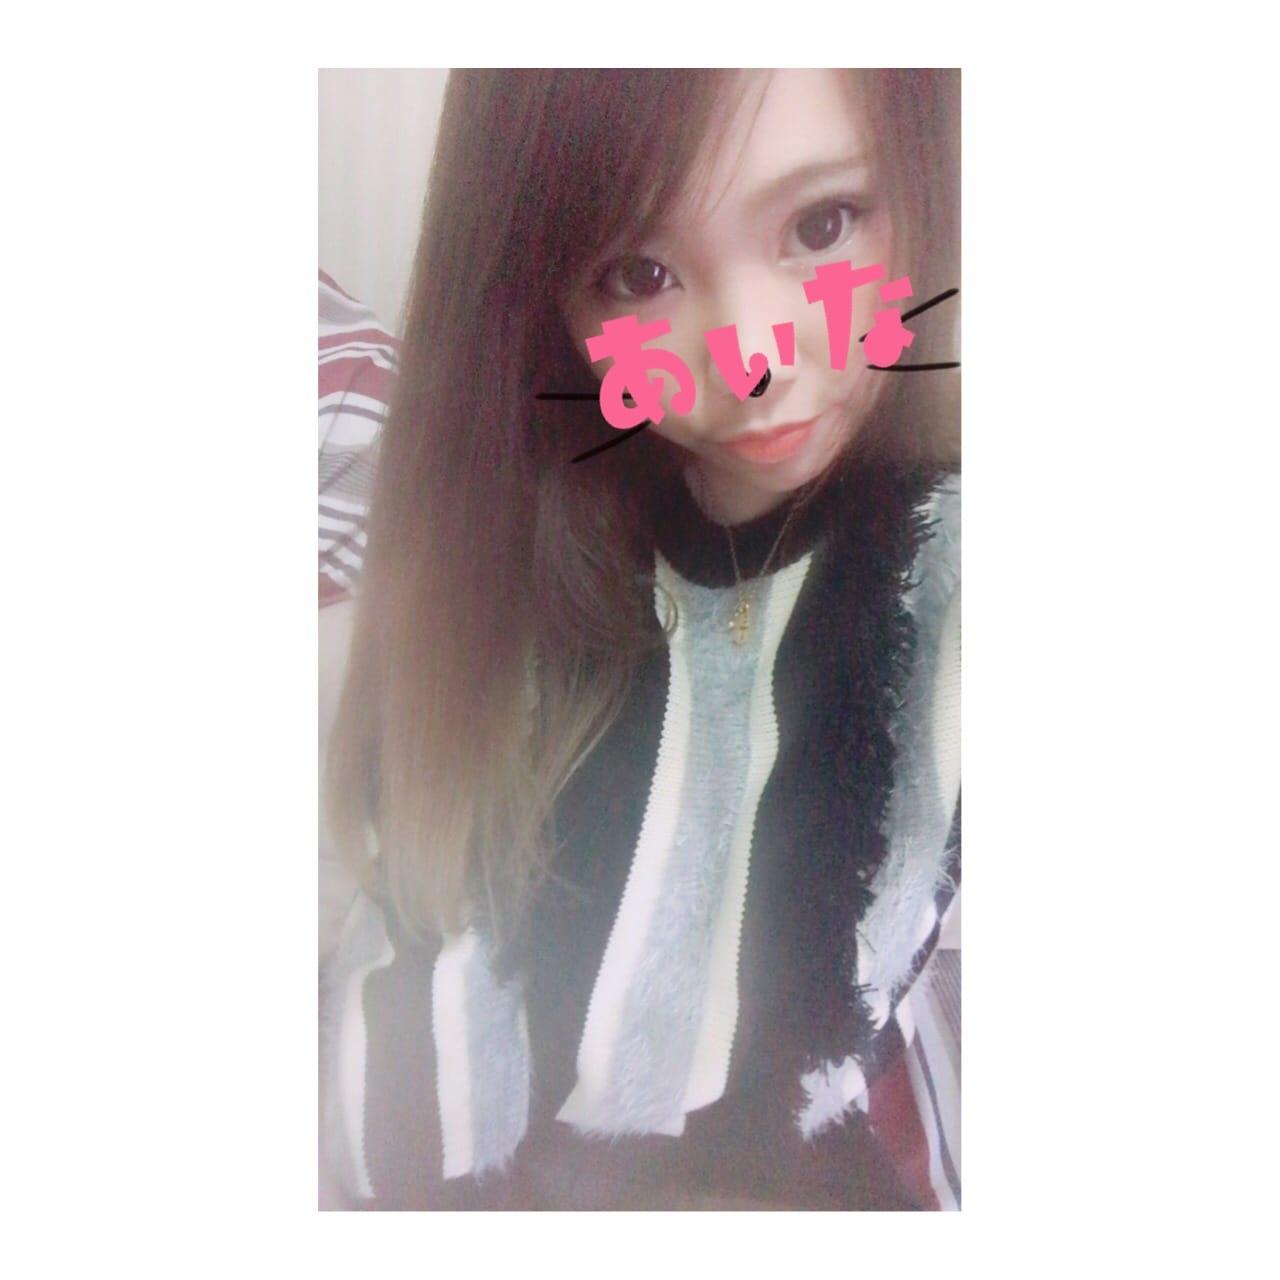 「はろ〜♪」01/15(01/15) 18:36 | あいなの写メ・風俗動画